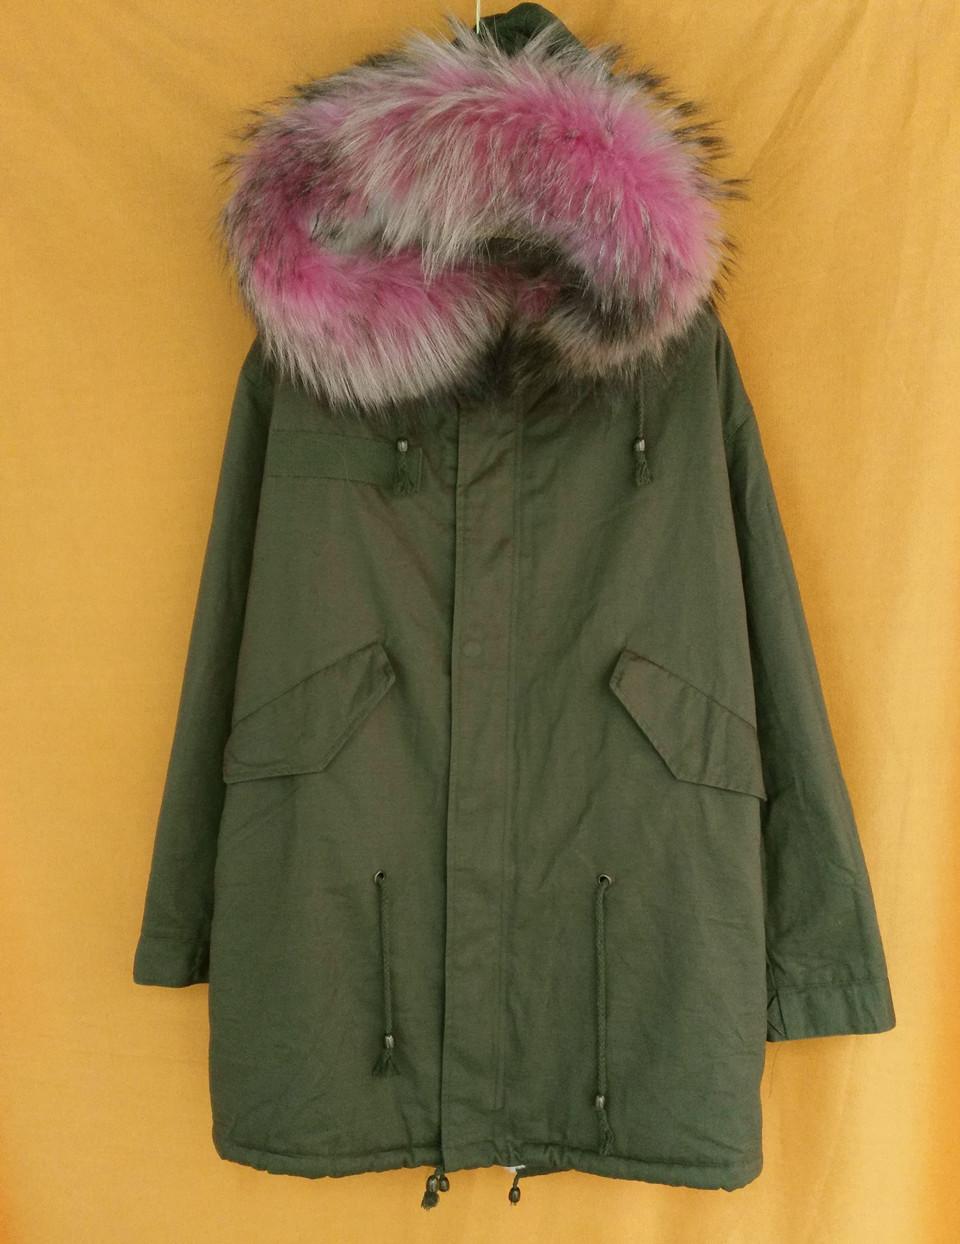 evanding армии зеленый parka реальный меховой воротник зимние пальто дамы с длинным рукавом из искусственного меха выстроились с капюшоном плюс размер верхней одежды ветровки s-2xl